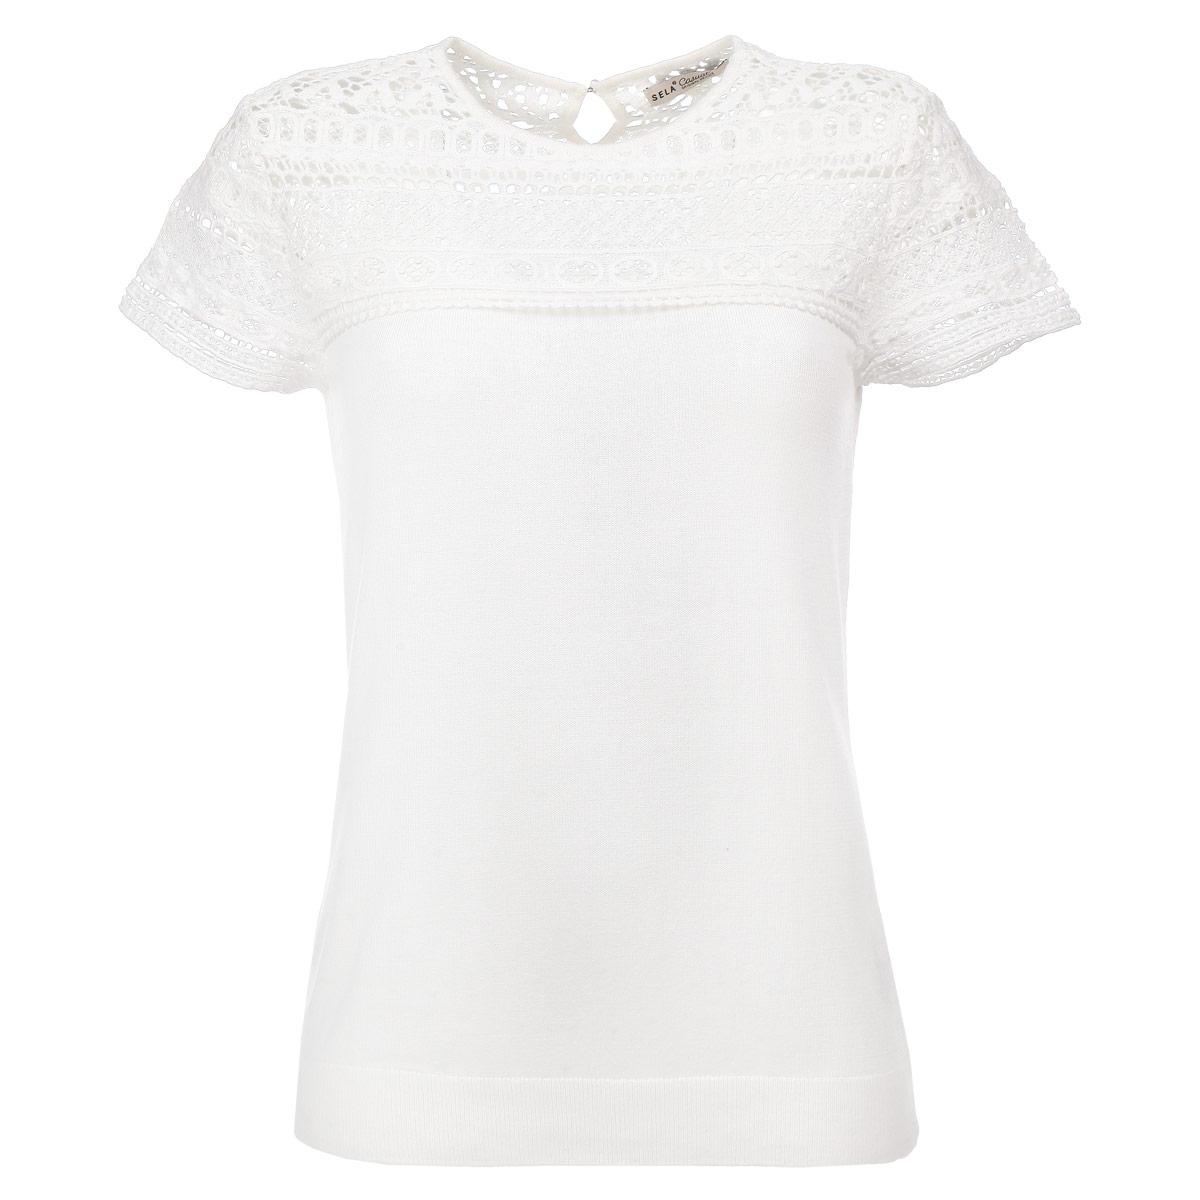 Футболка женская. JRs-114/440-5312JRs-114/440-5312Симпатичная женская футболка Sela, выполненная из высококачественного материала, обладает высокой теплопроводностью, воздухопроницаемостью и гигроскопичностью, позволяет коже дышать. Модель прямого кроя с короткими рукавами и круглым вырезом горловины - идеальный вариант для создания образа в стиле Casual. На спинке футболка застегивается на пуговицу. Верхняя часть изделия оформлена ажурной вышивкой из хлопковой пряжи. Нижний край футболки выполнен вязкой резинка. Такая модель будет дарить вам комфорт в течение всего дня и послужит замечательным дополнением к вашему гардеробу.